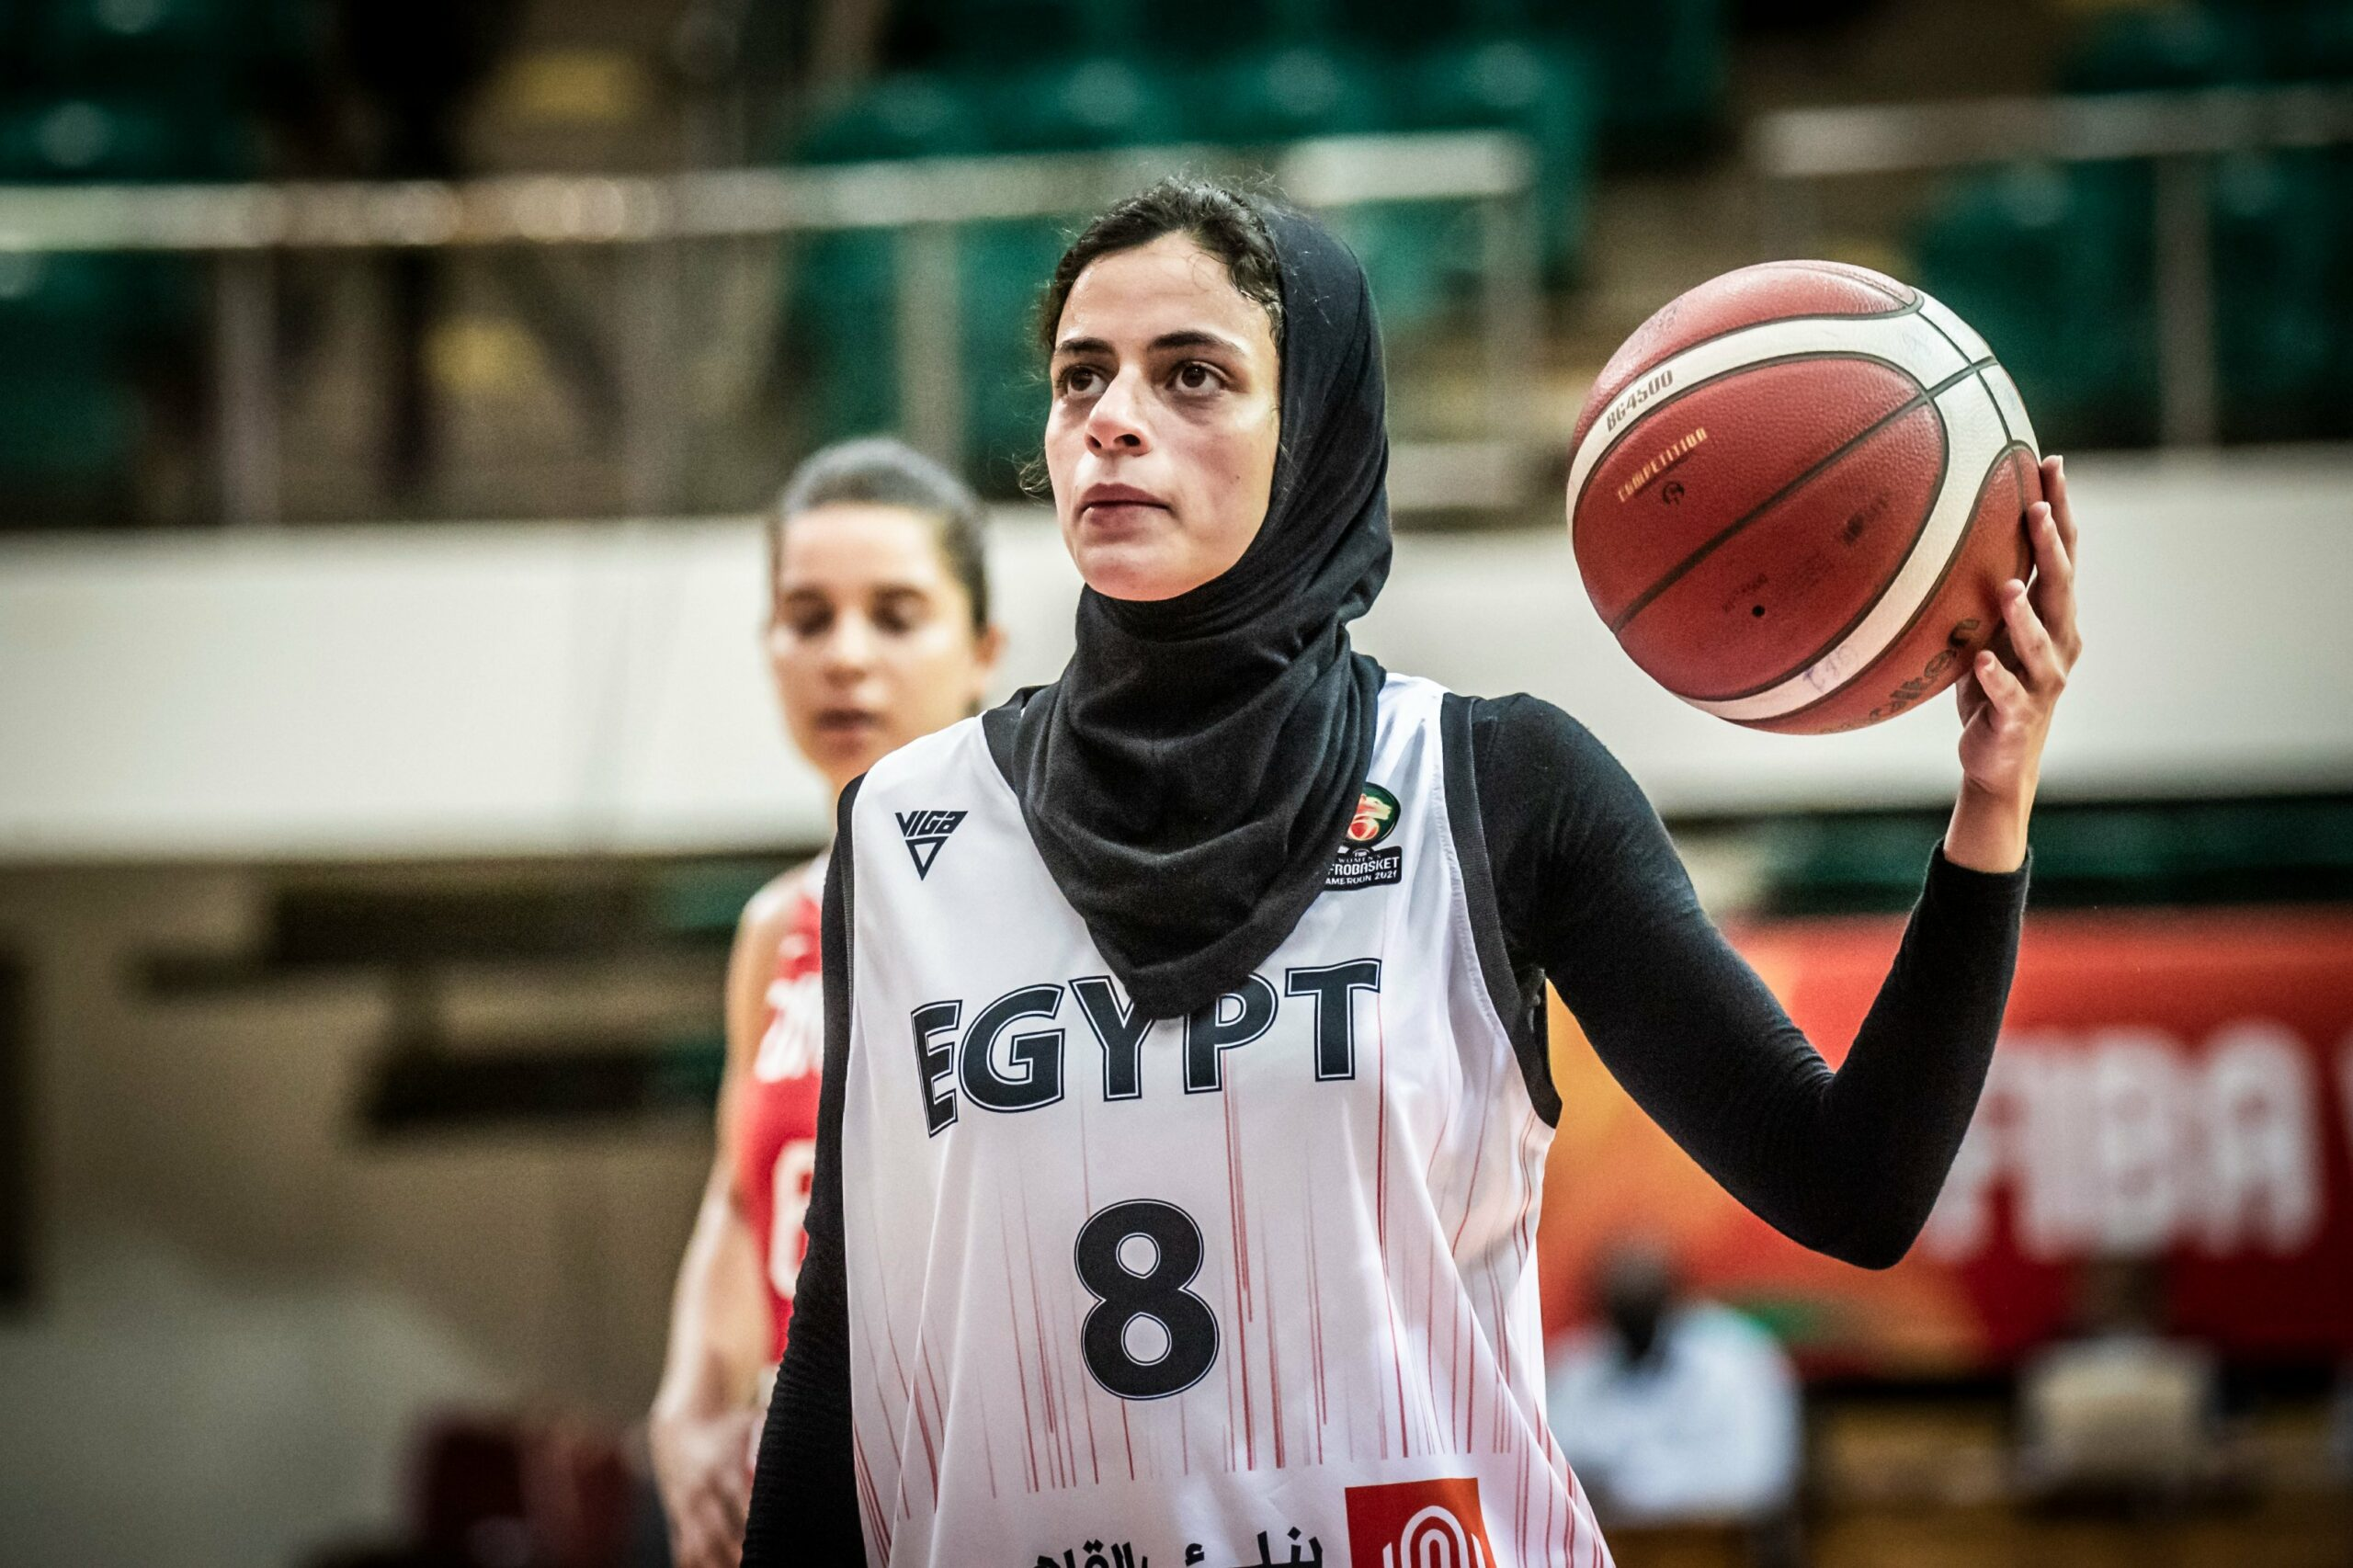 Soraya Mohamed